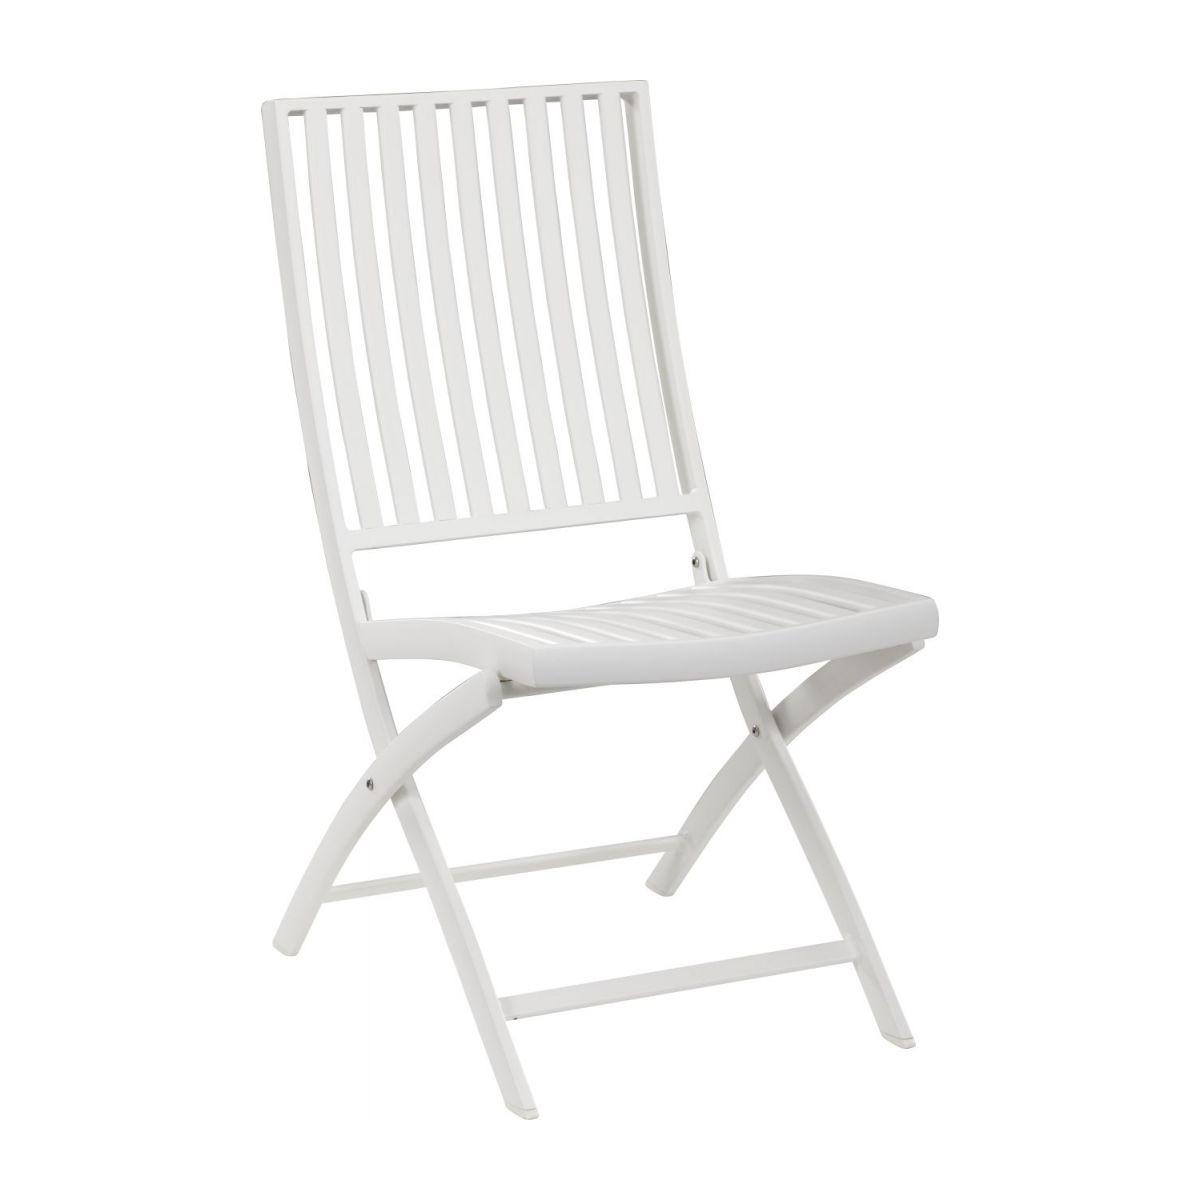 Chaise De Jardin En Aluminium Laqué Blanc concernant Chaise De Jardin Blanche